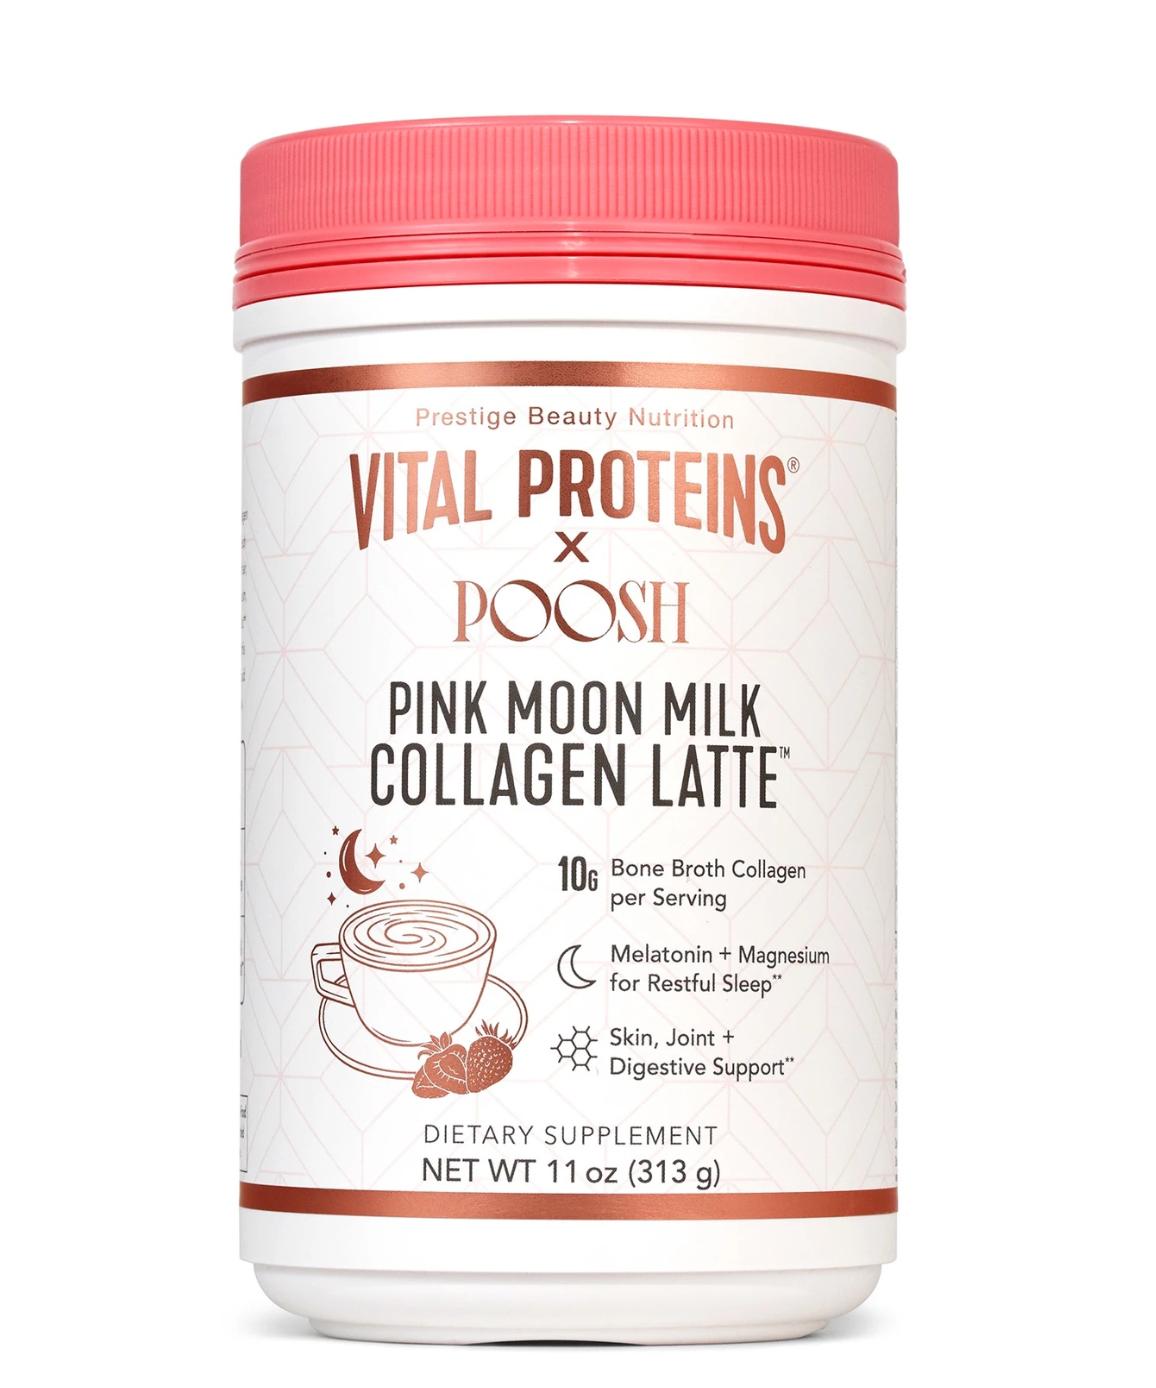 Vital Proteins x Poosh Pink Moon Milk Collagen Latte